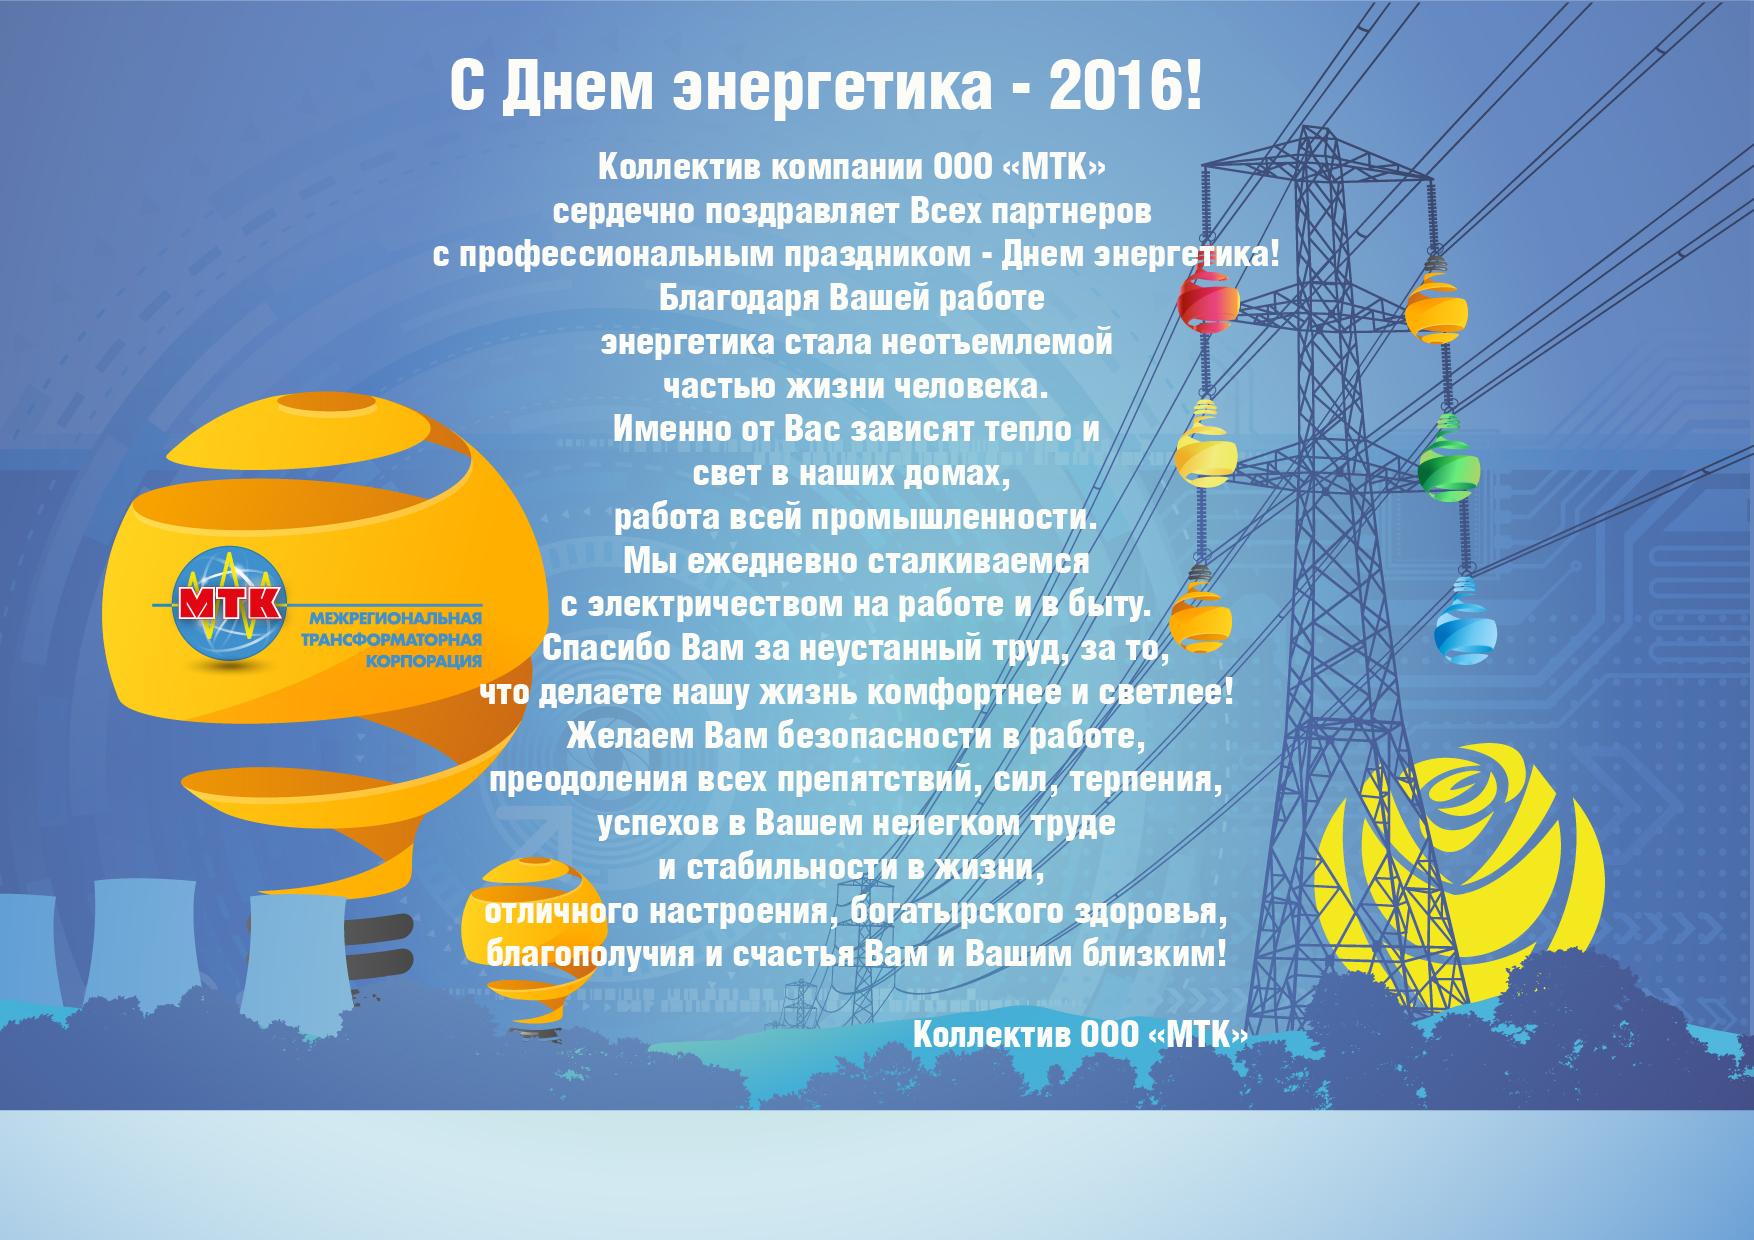 С днем энергетика поздравление коллективу